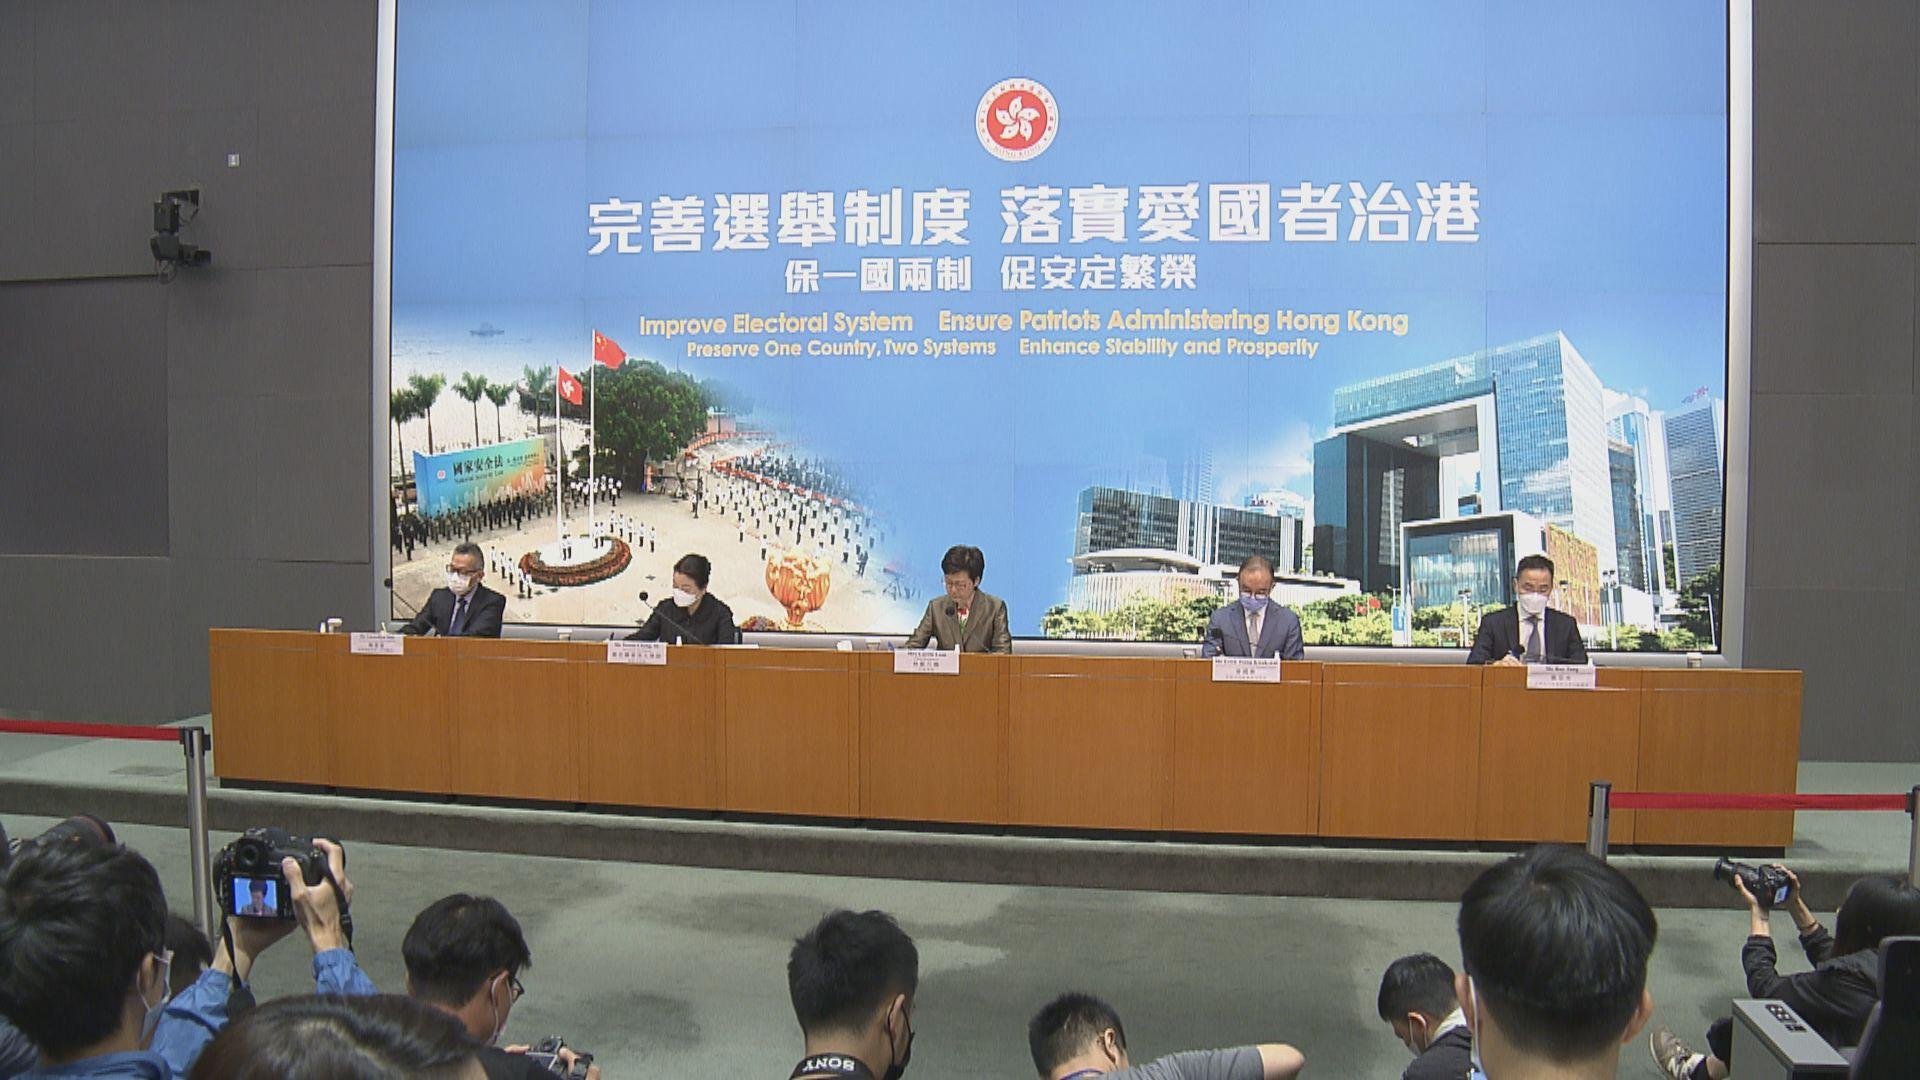 【立會選舉】政府:時間緊迫 重新劃界無進行諮詢